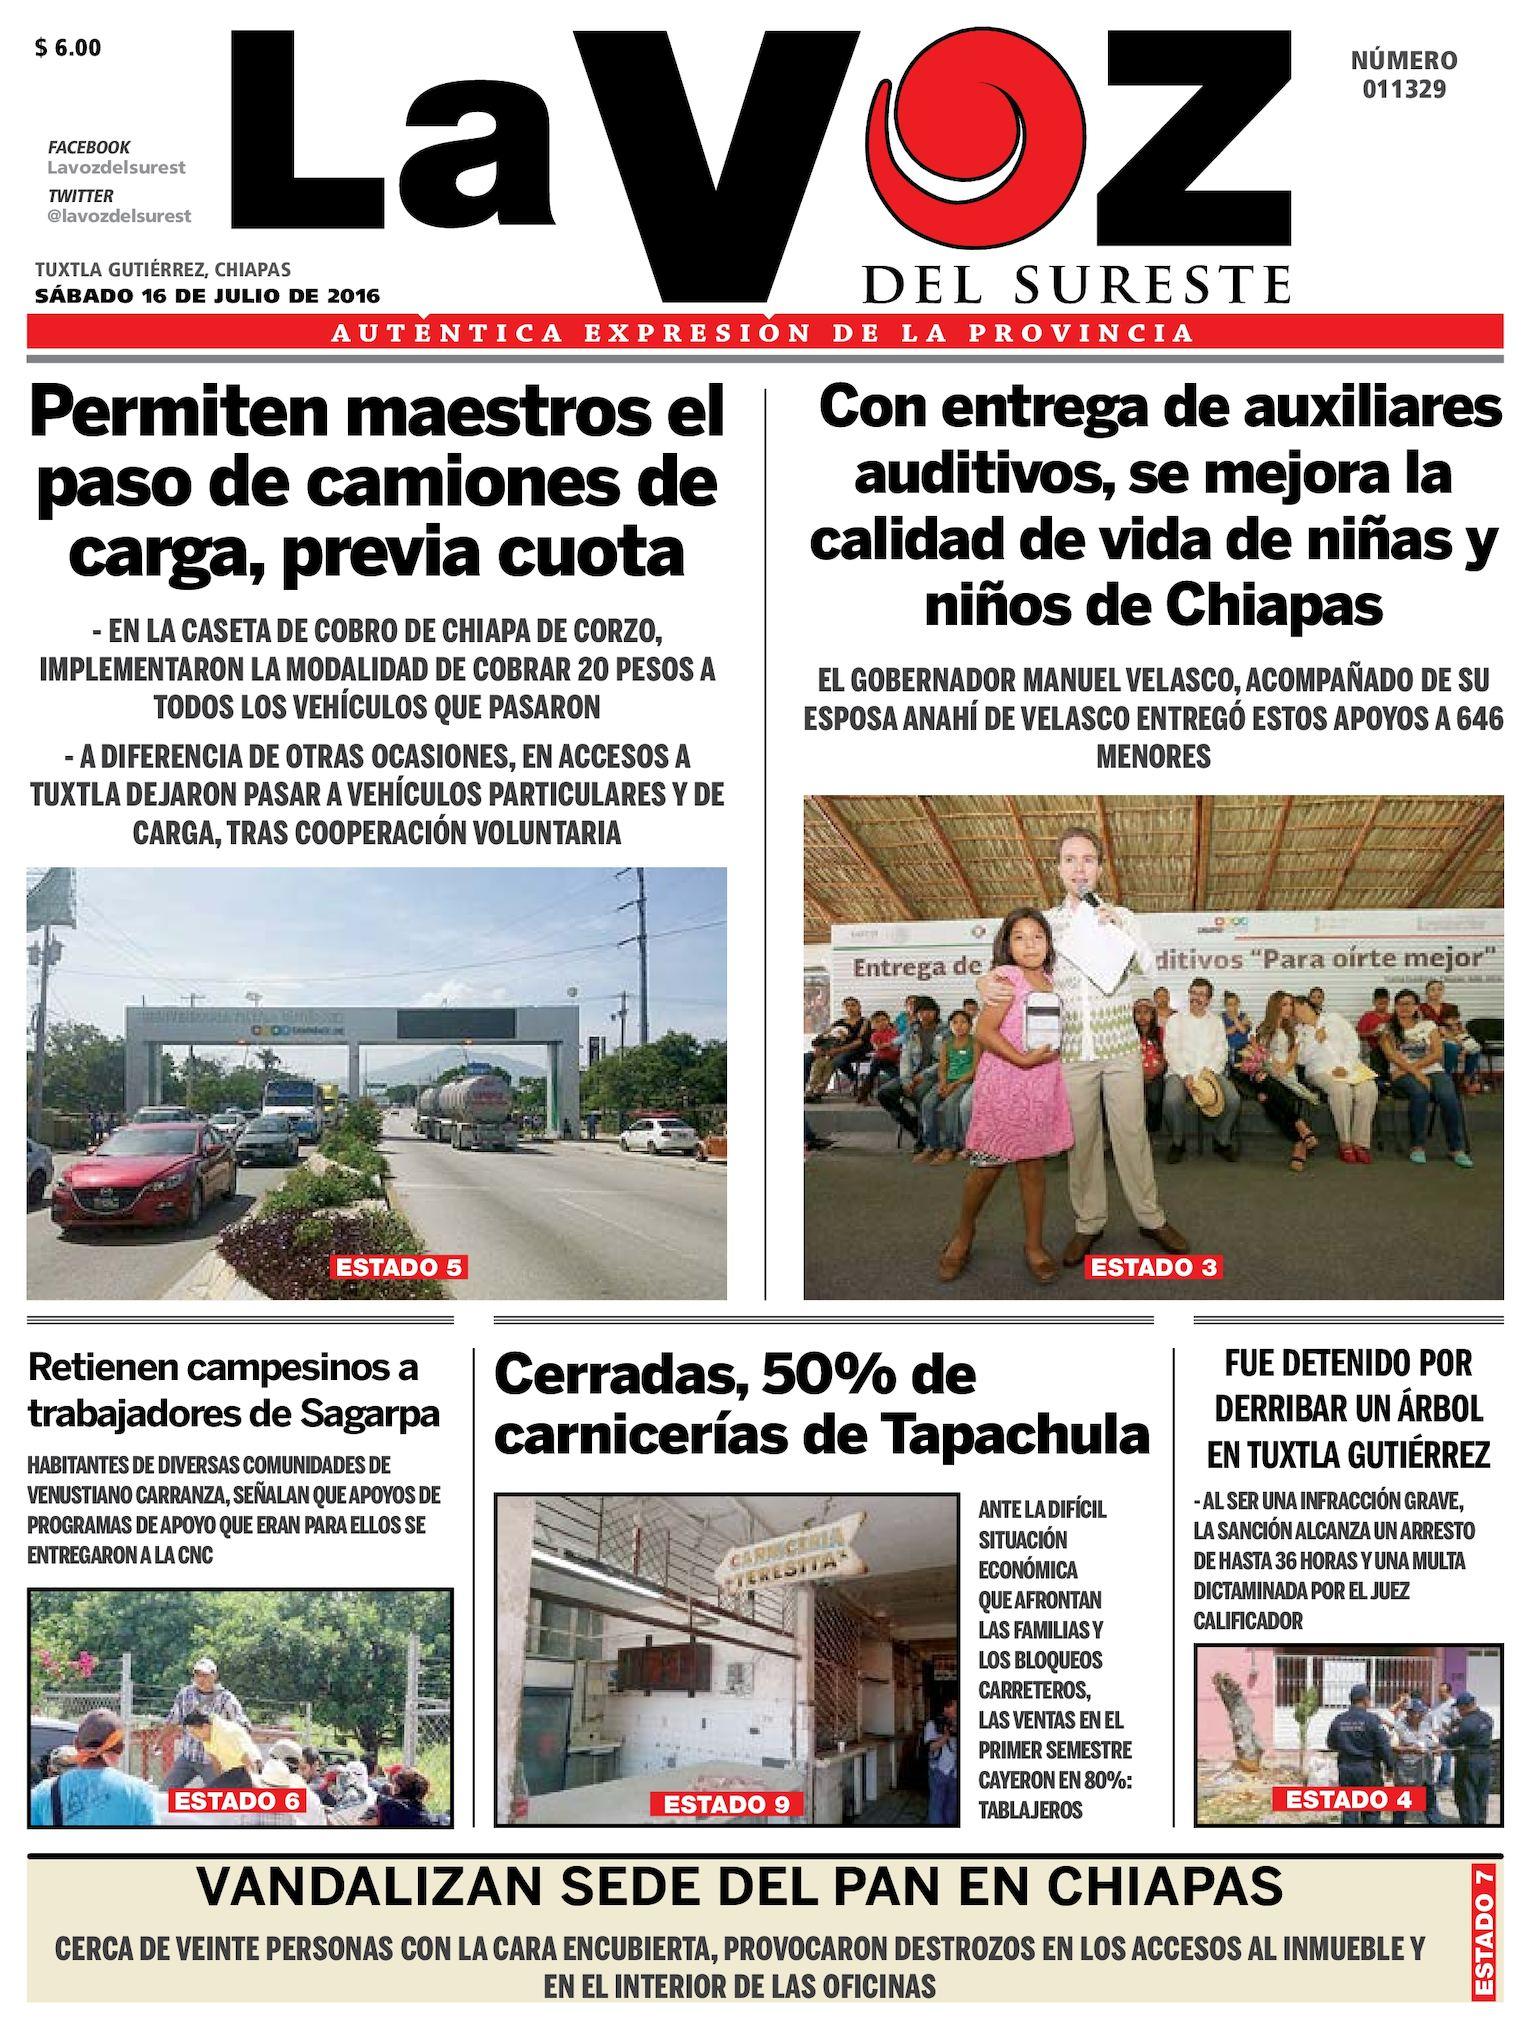 Citas Sura Medellin - 203312